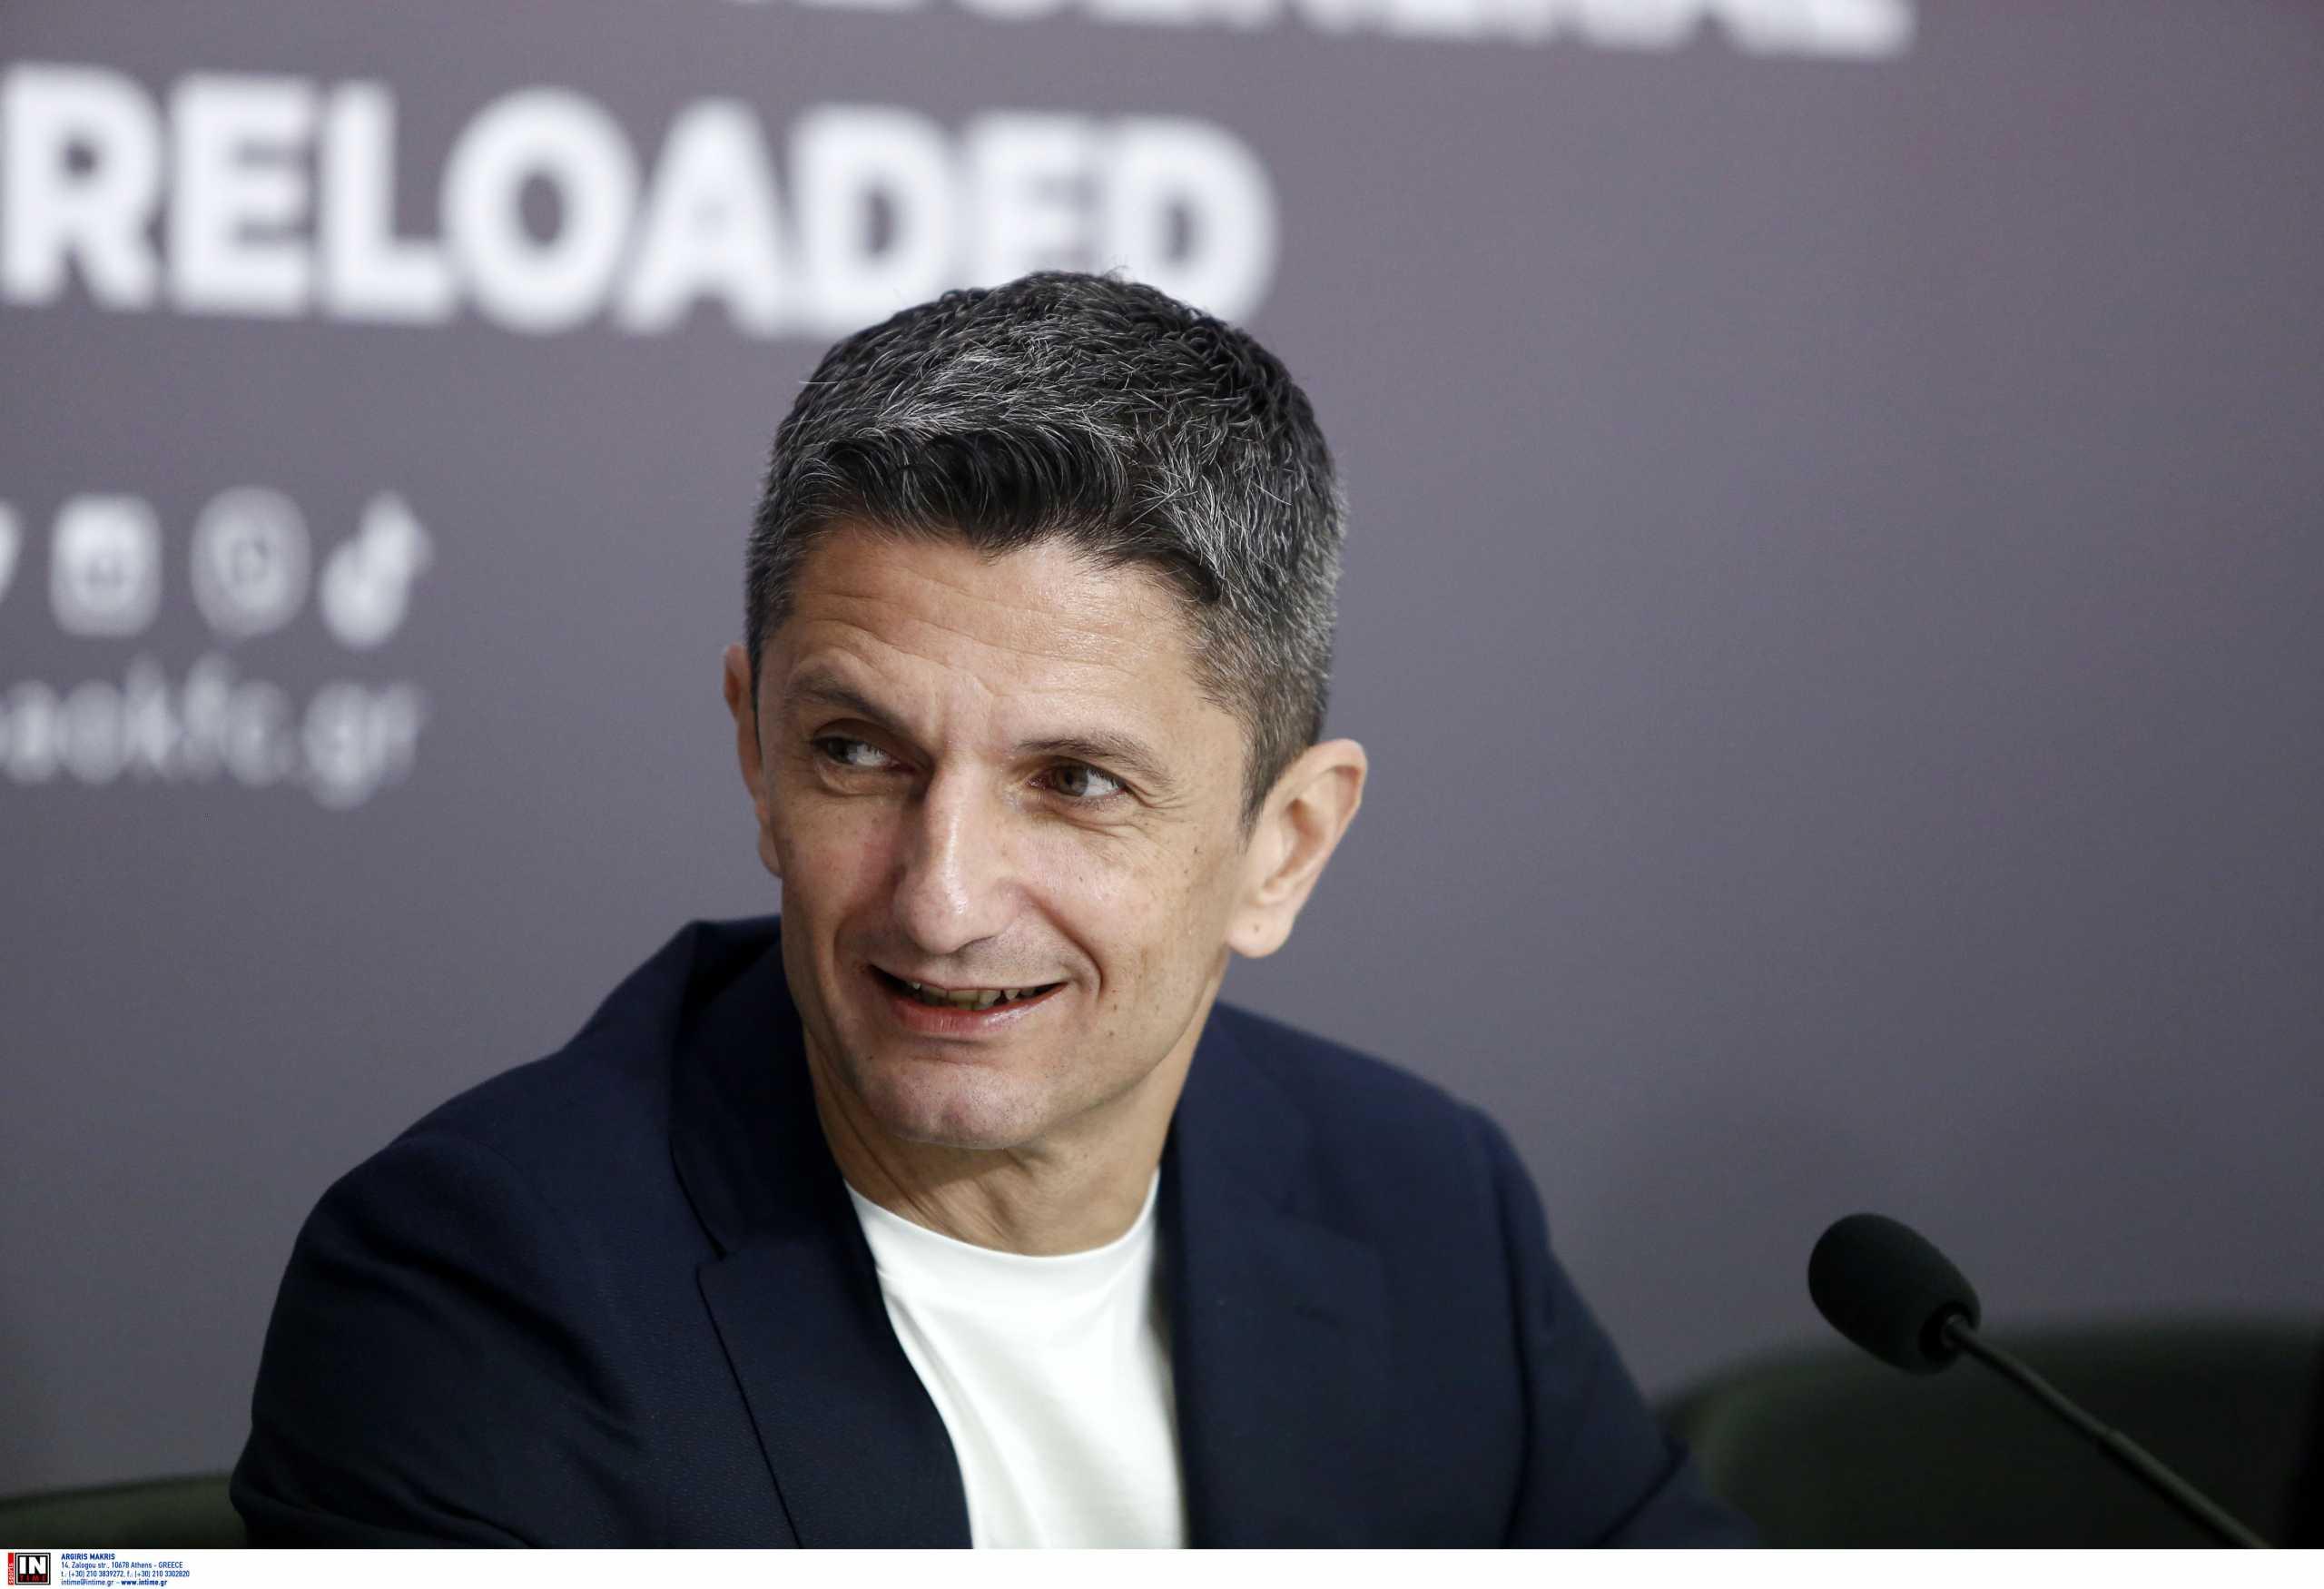 ΠΑΟΚ: «Τέσσερις ομάδες παλεύουν για τον τίτλο» δήλωσε ο Λουτσέσκου